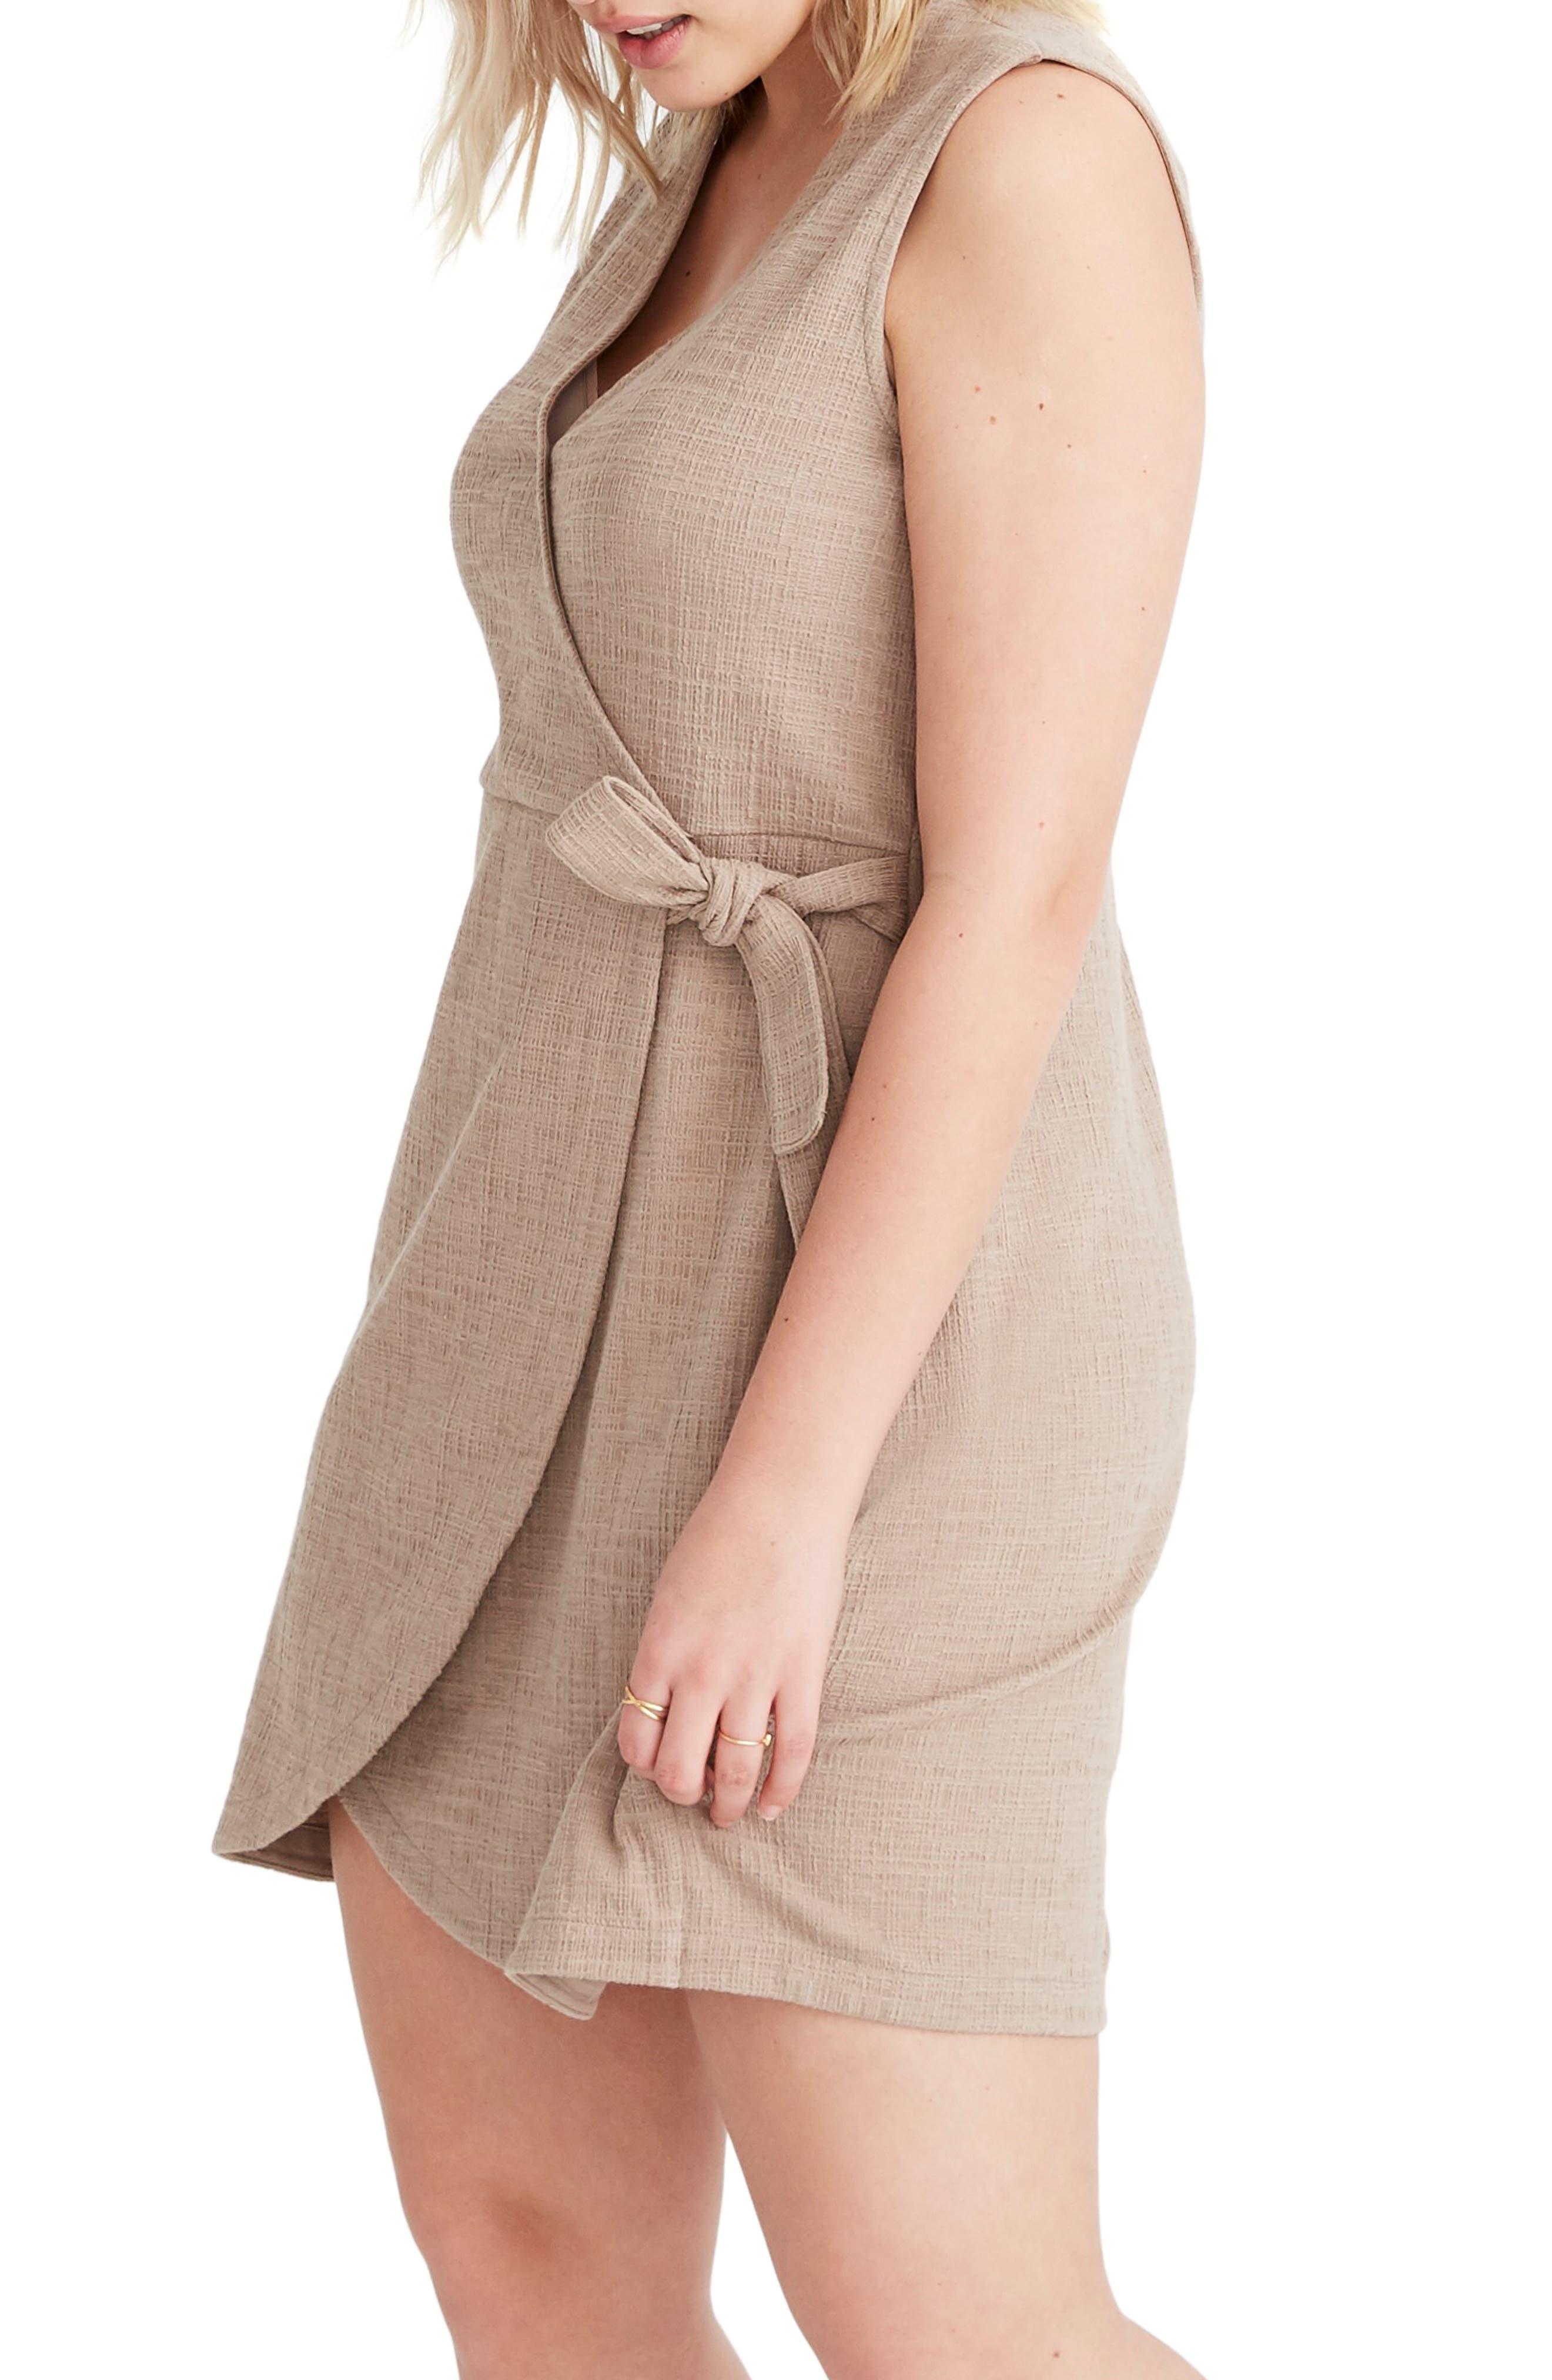 MADEWELL, Texture & Thread Side Tie Minidress, Alternate thumbnail 9, color, TELLURIDE STONE